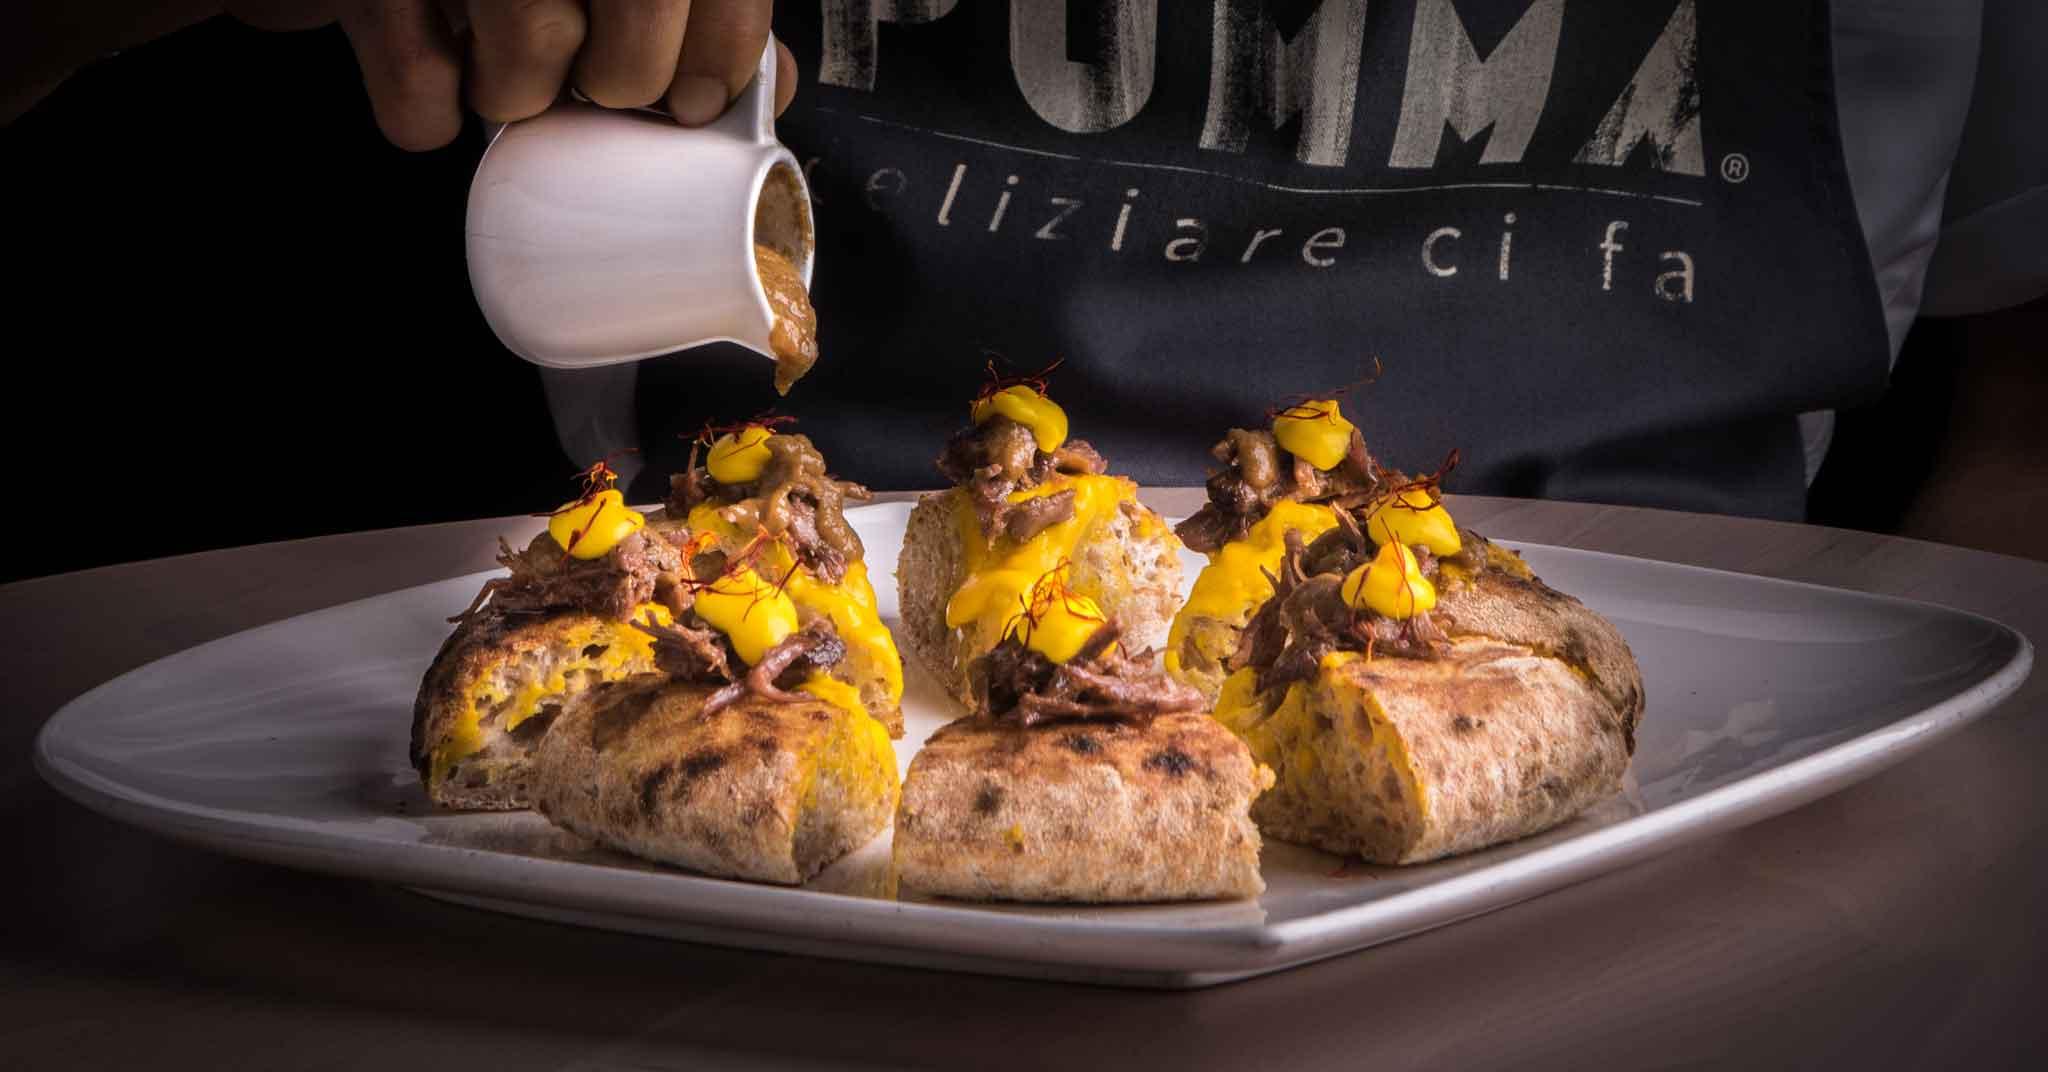 Milano. La nuova pizzeria Pummà che apre con la pizza all'ossobuco in Sant'Ambrogio